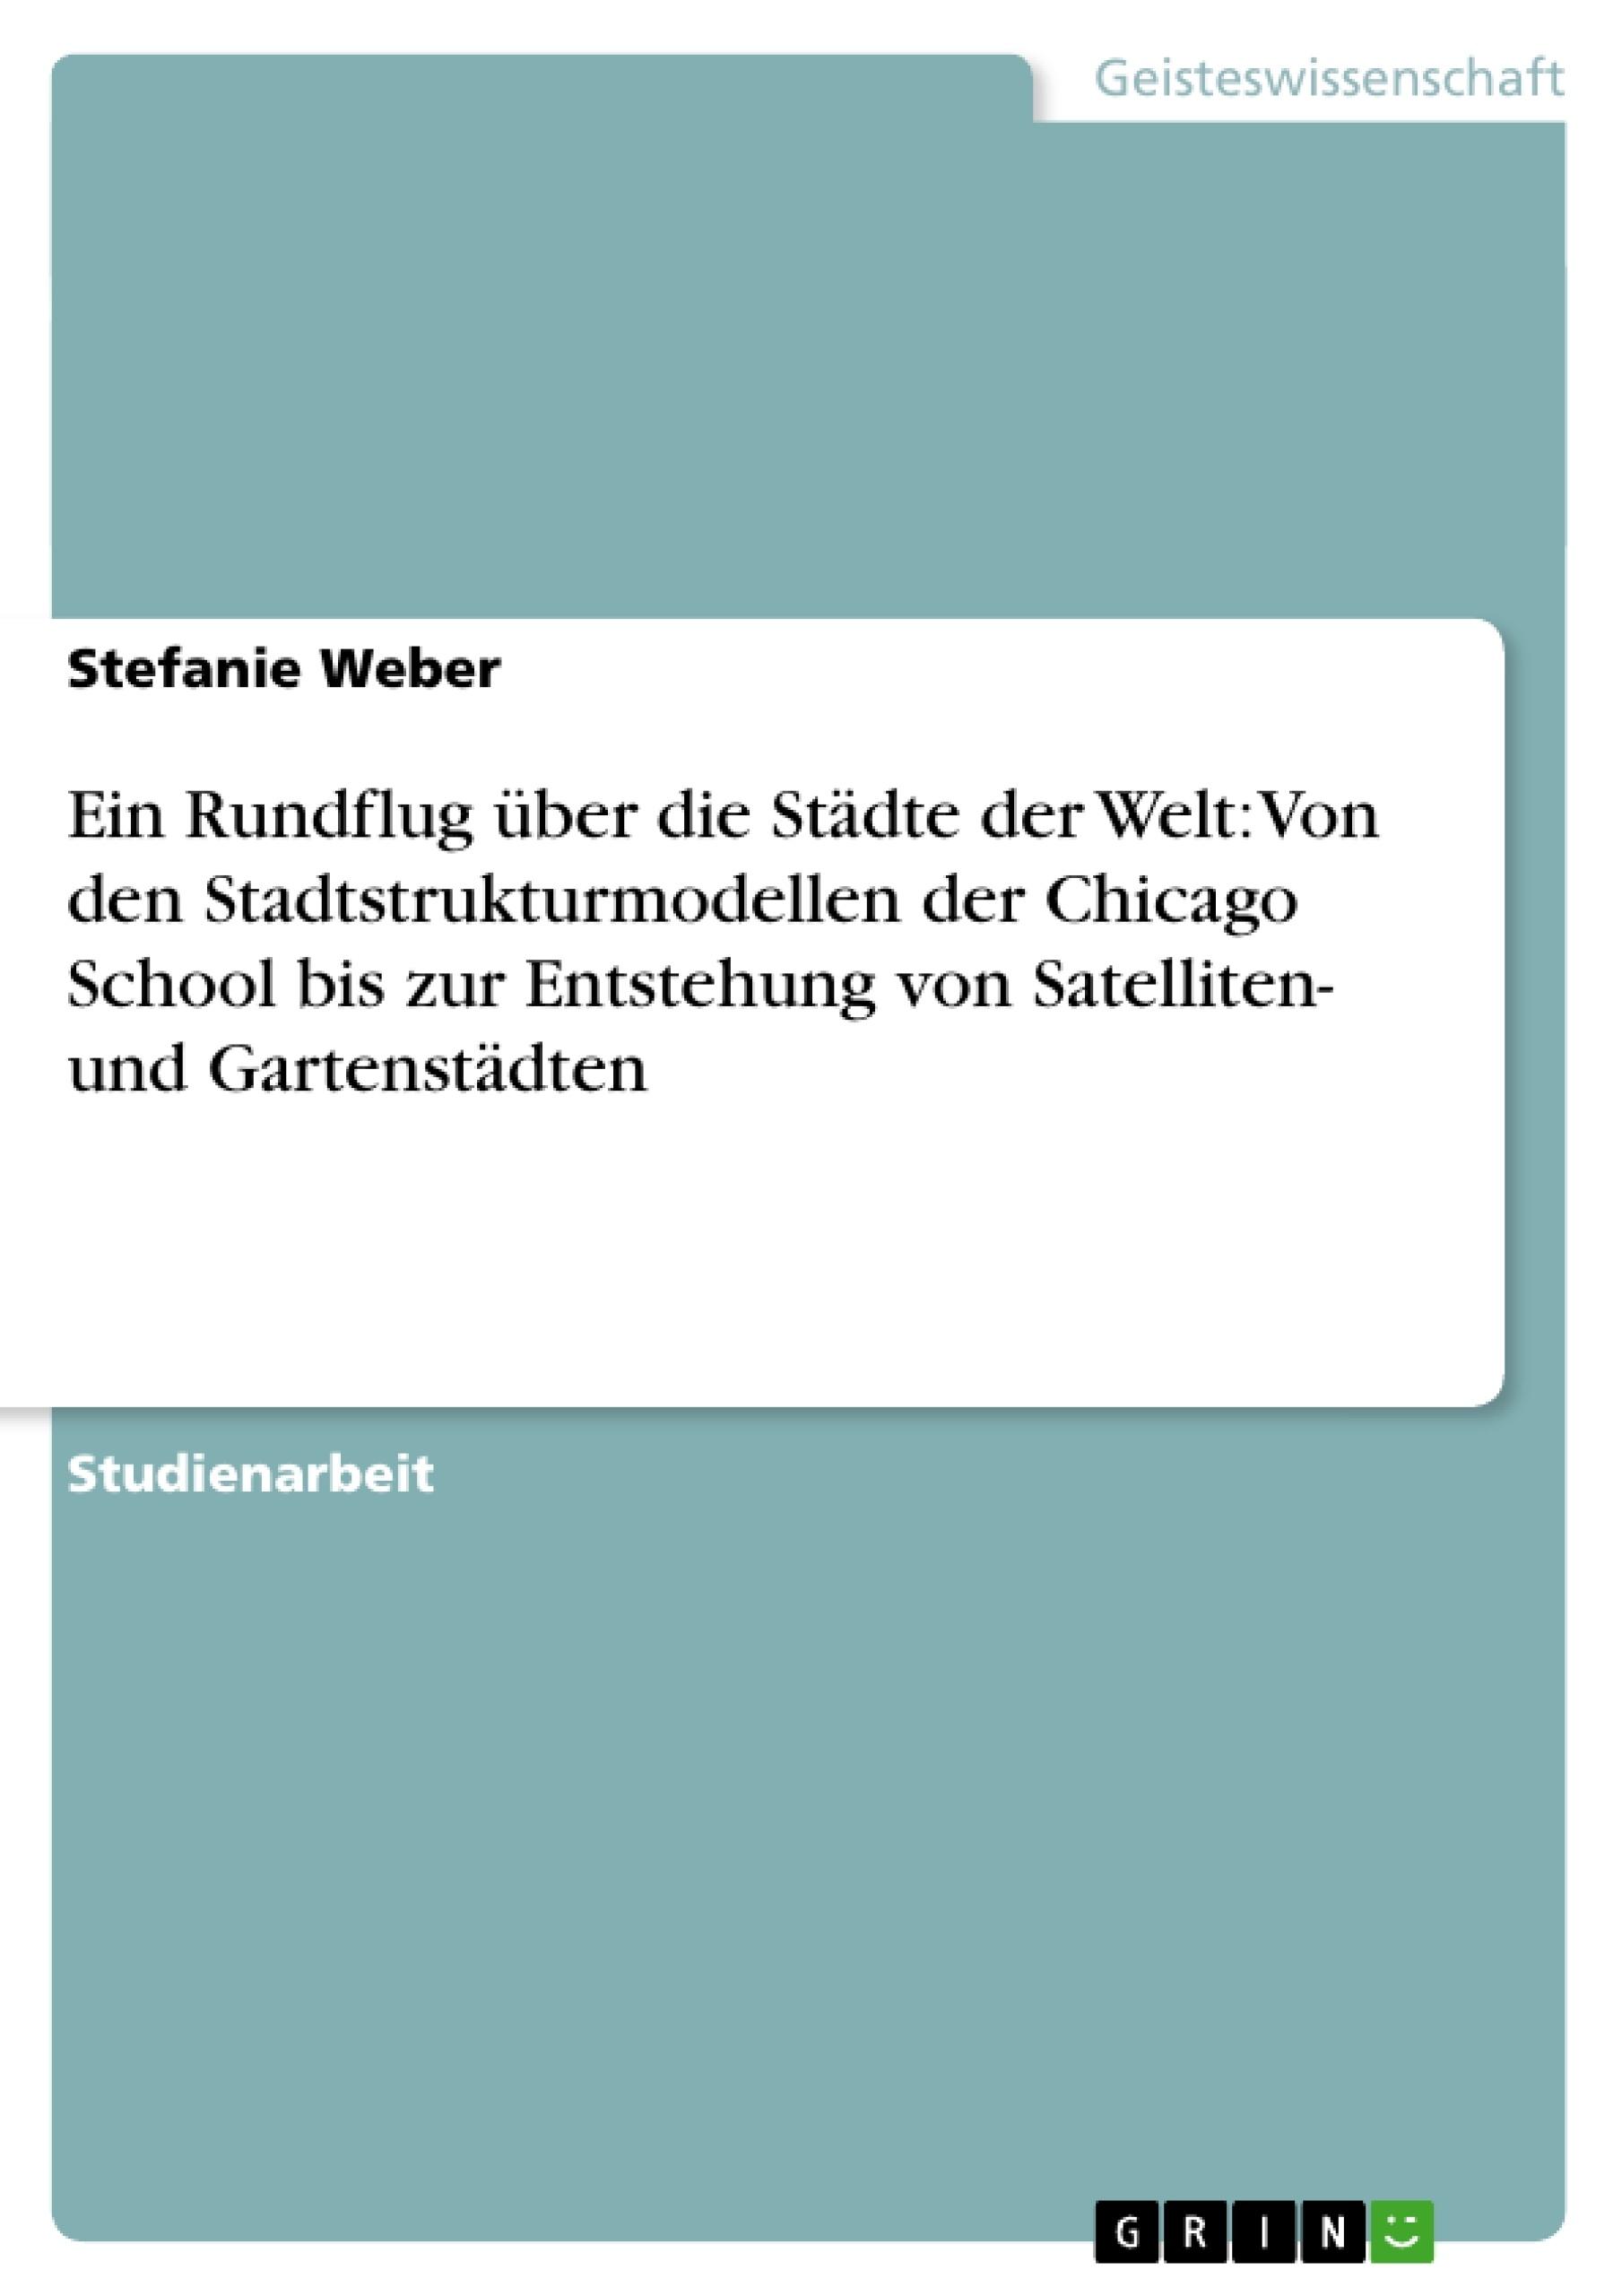 Titel: Ein Rundflug über die Städte der Welt: Von den Stadtstrukturmodellen der Chicago School bis zur Entstehung von Satelliten- und Gartenstädten